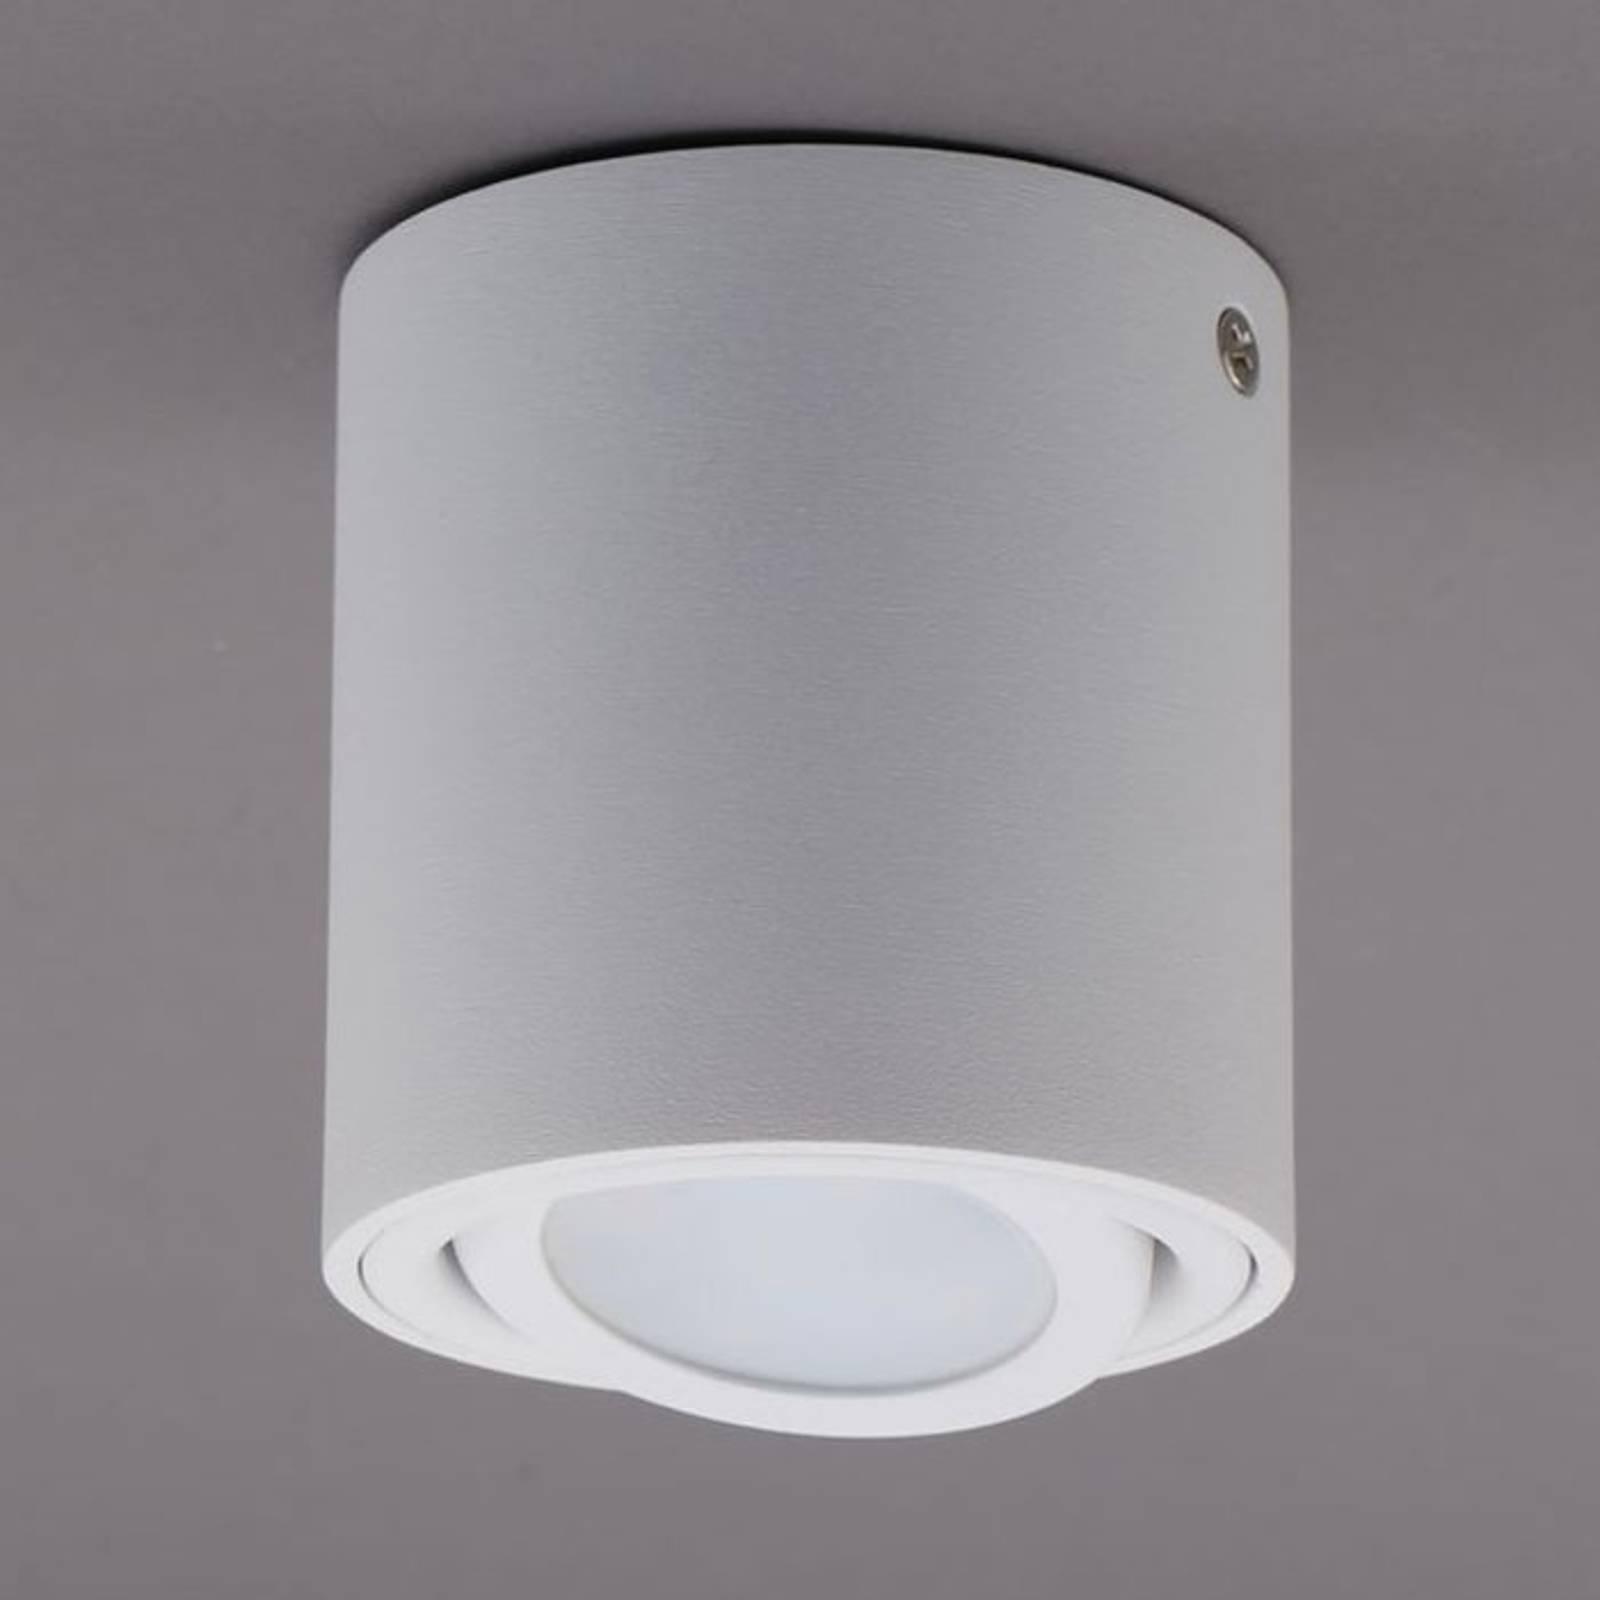 LED-kattovalaisin 7119, GU10, valkoinen